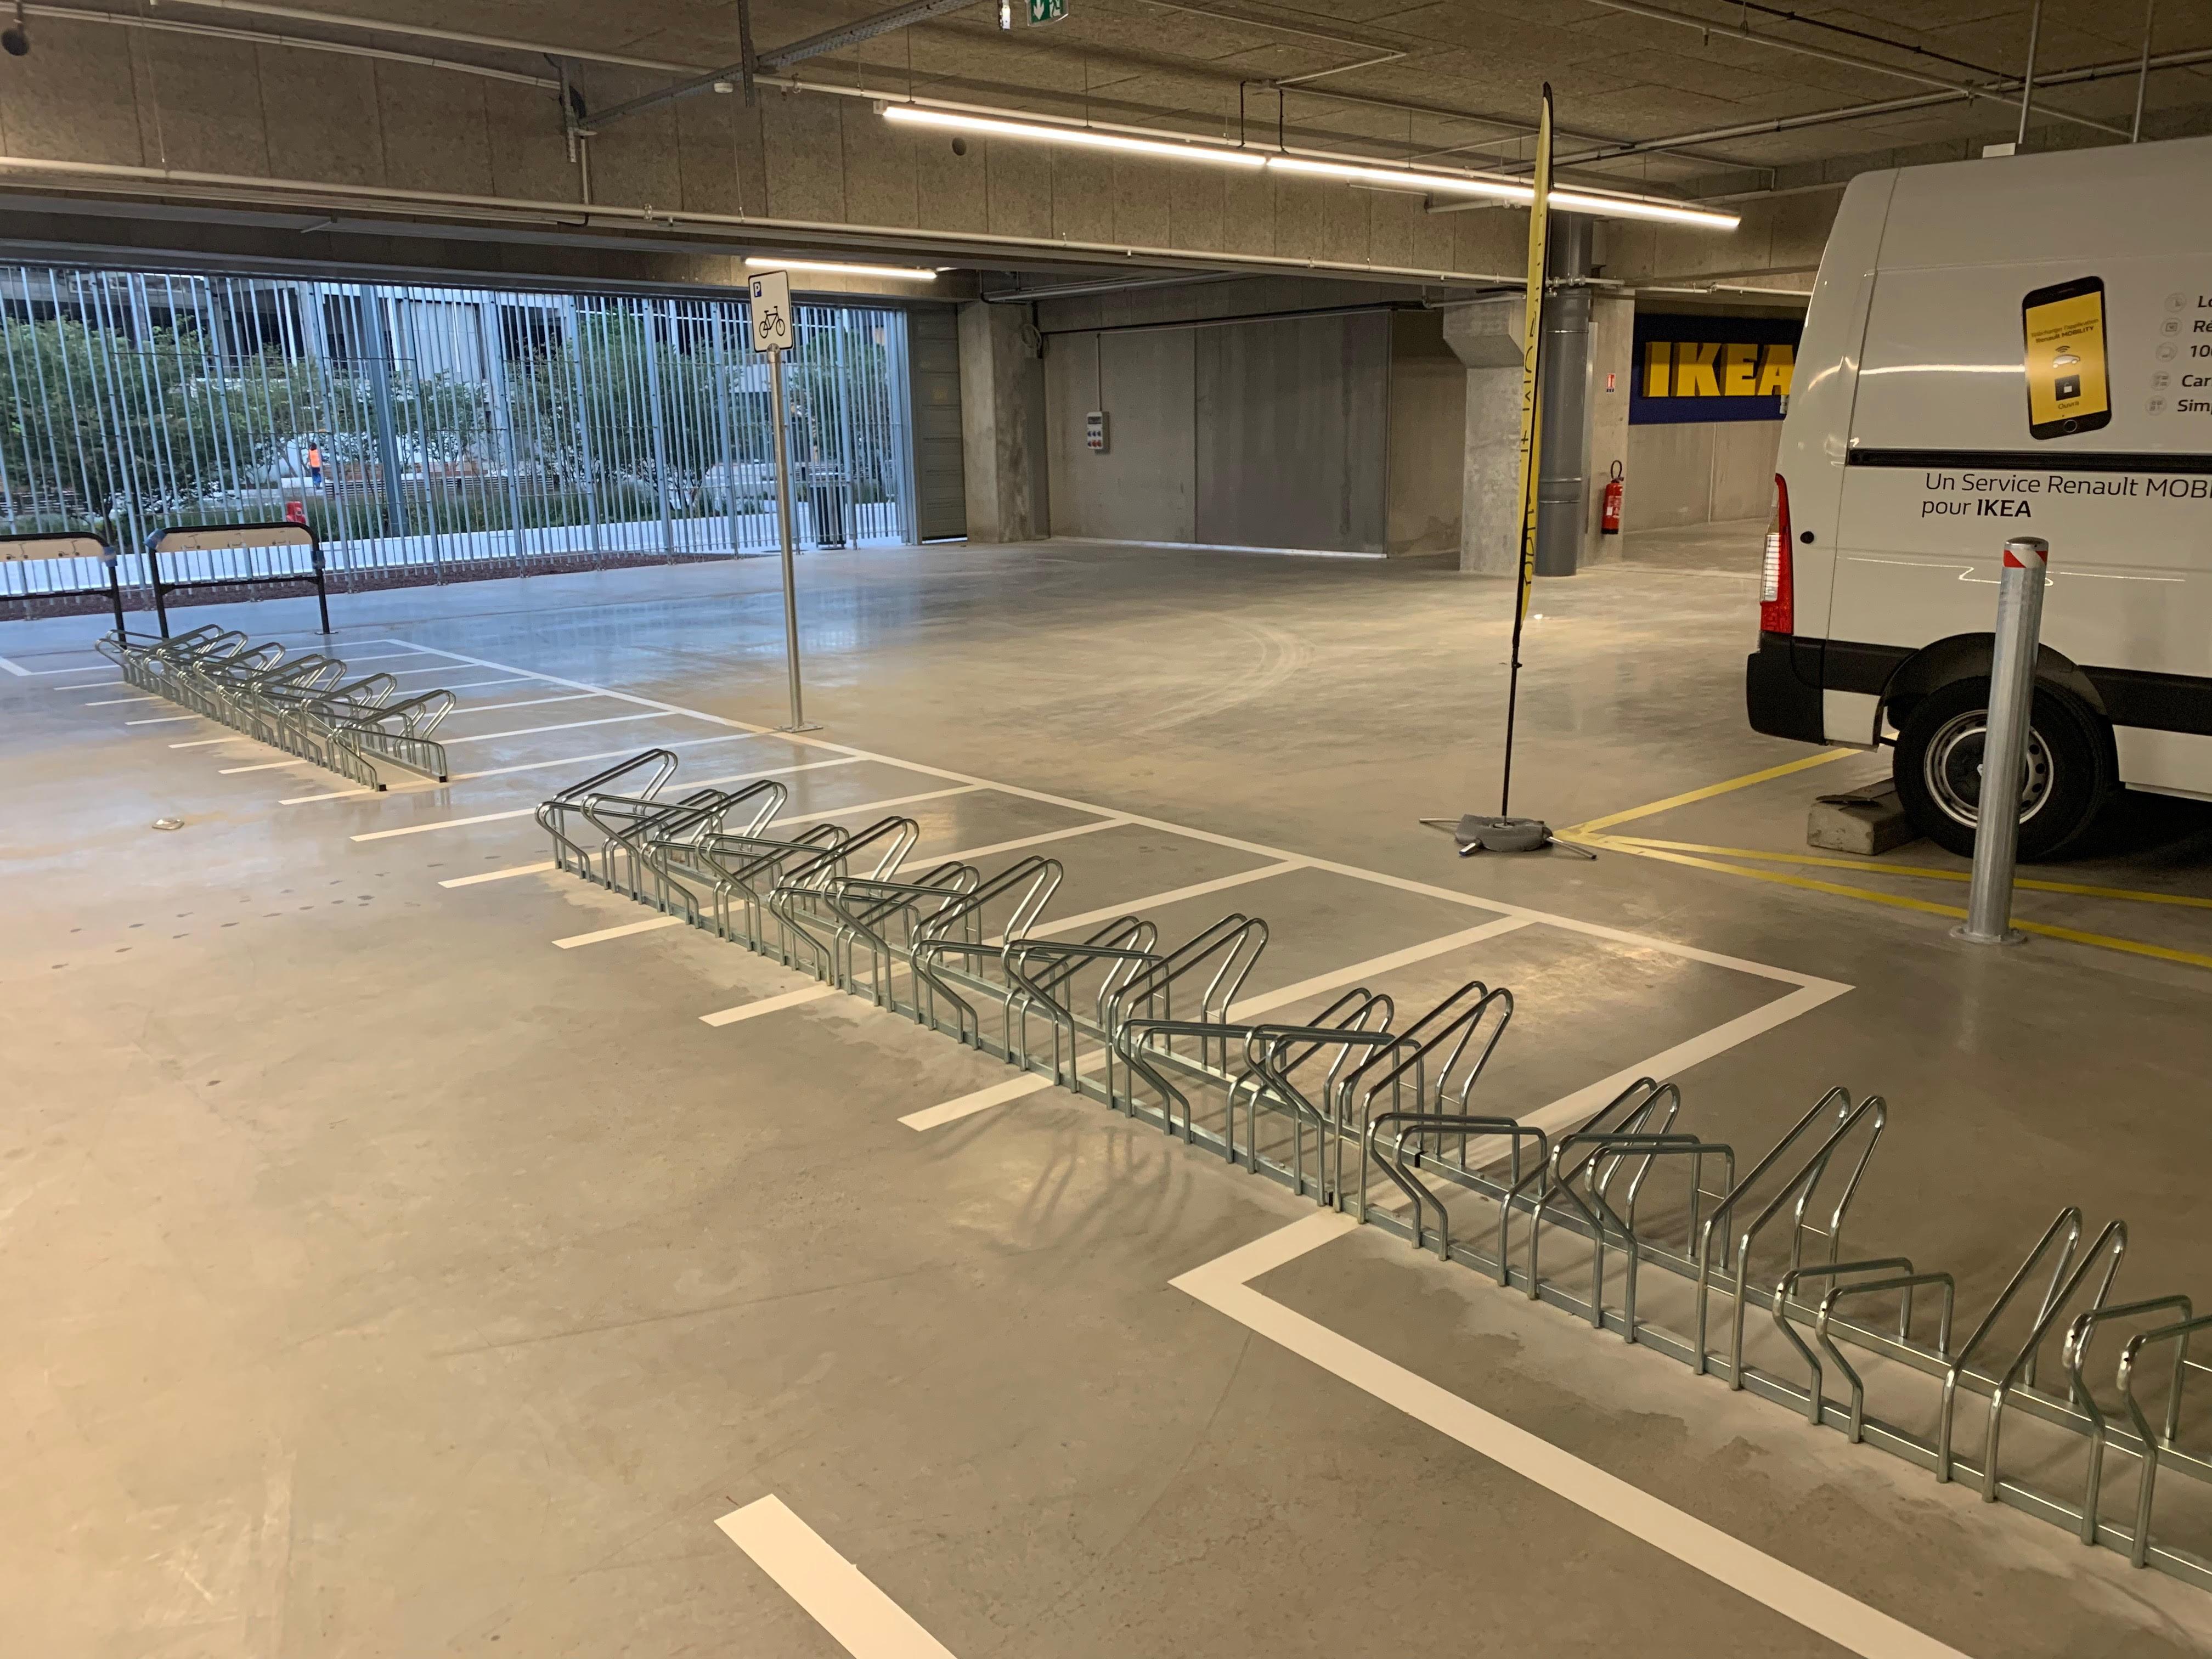 Cadre Photo Sur Pied Ikea parking payant, espace vélo limité : les mauvaises surprises